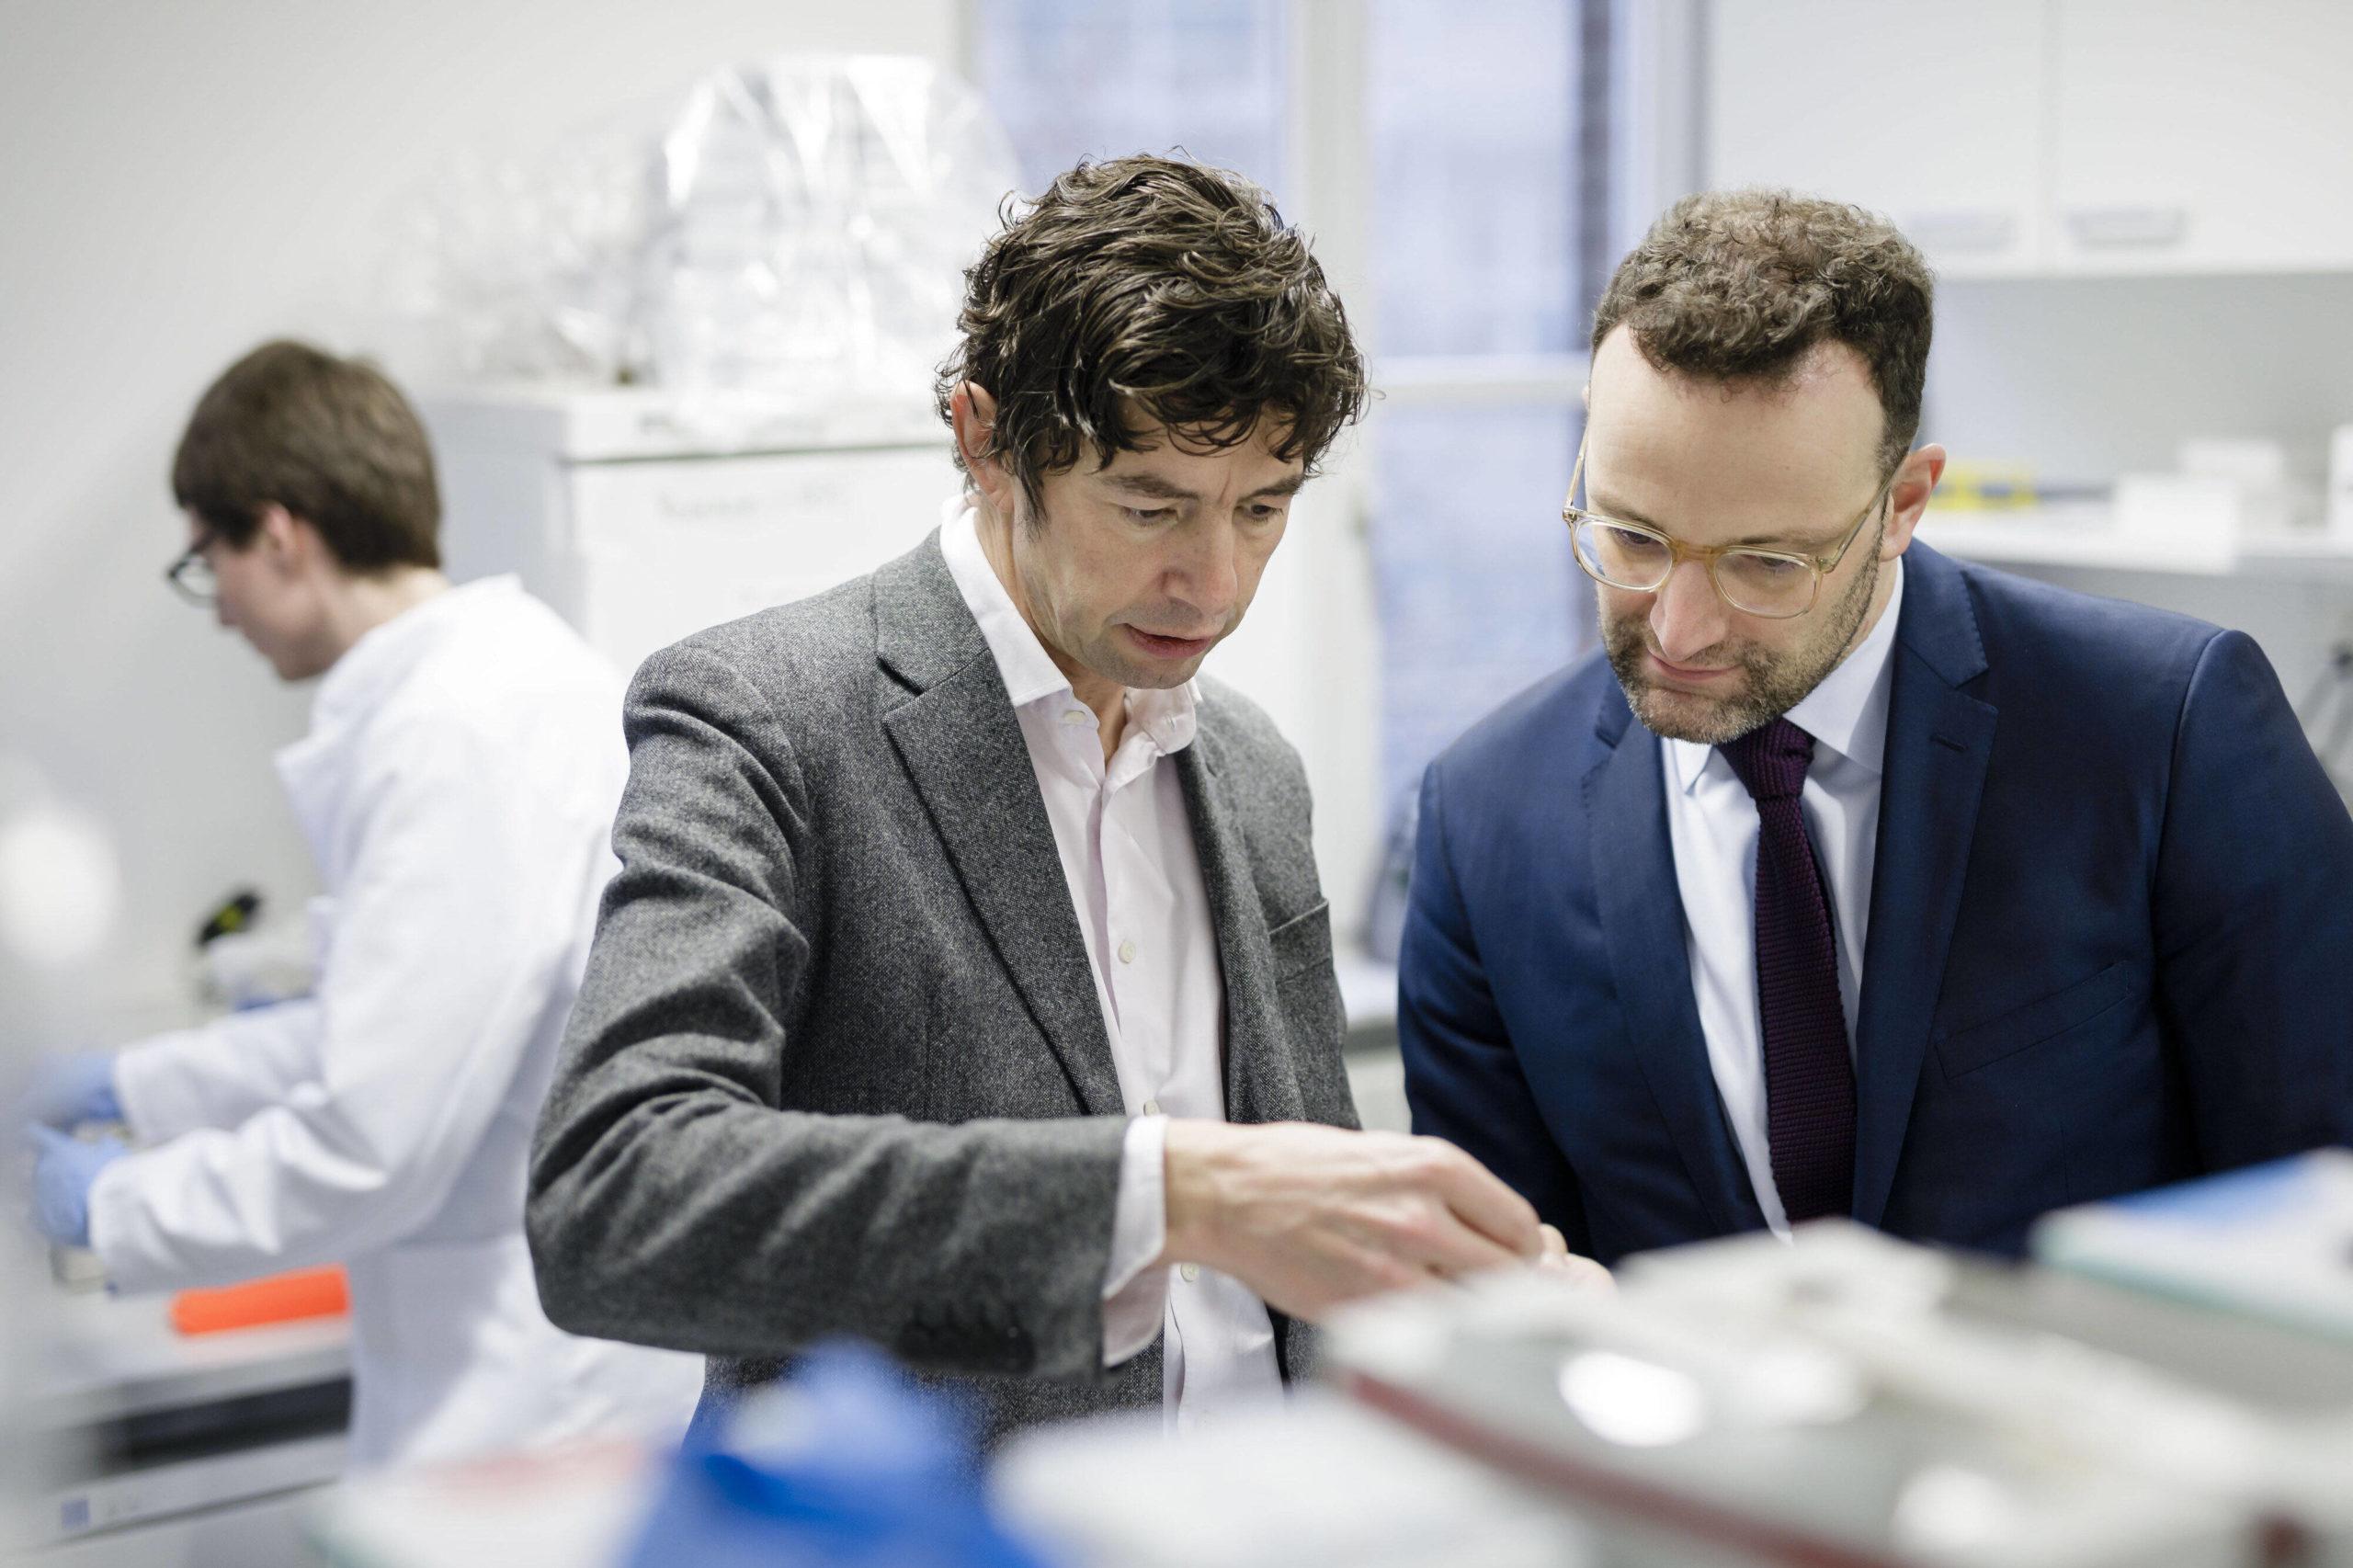 Bundesgesundheitsminister Jens Spahn CDU besucht gemeinsam mit dem Virologen Christian Drosten  Labore des Instituts für Virologie der Charite. Foto: Imago/photothek